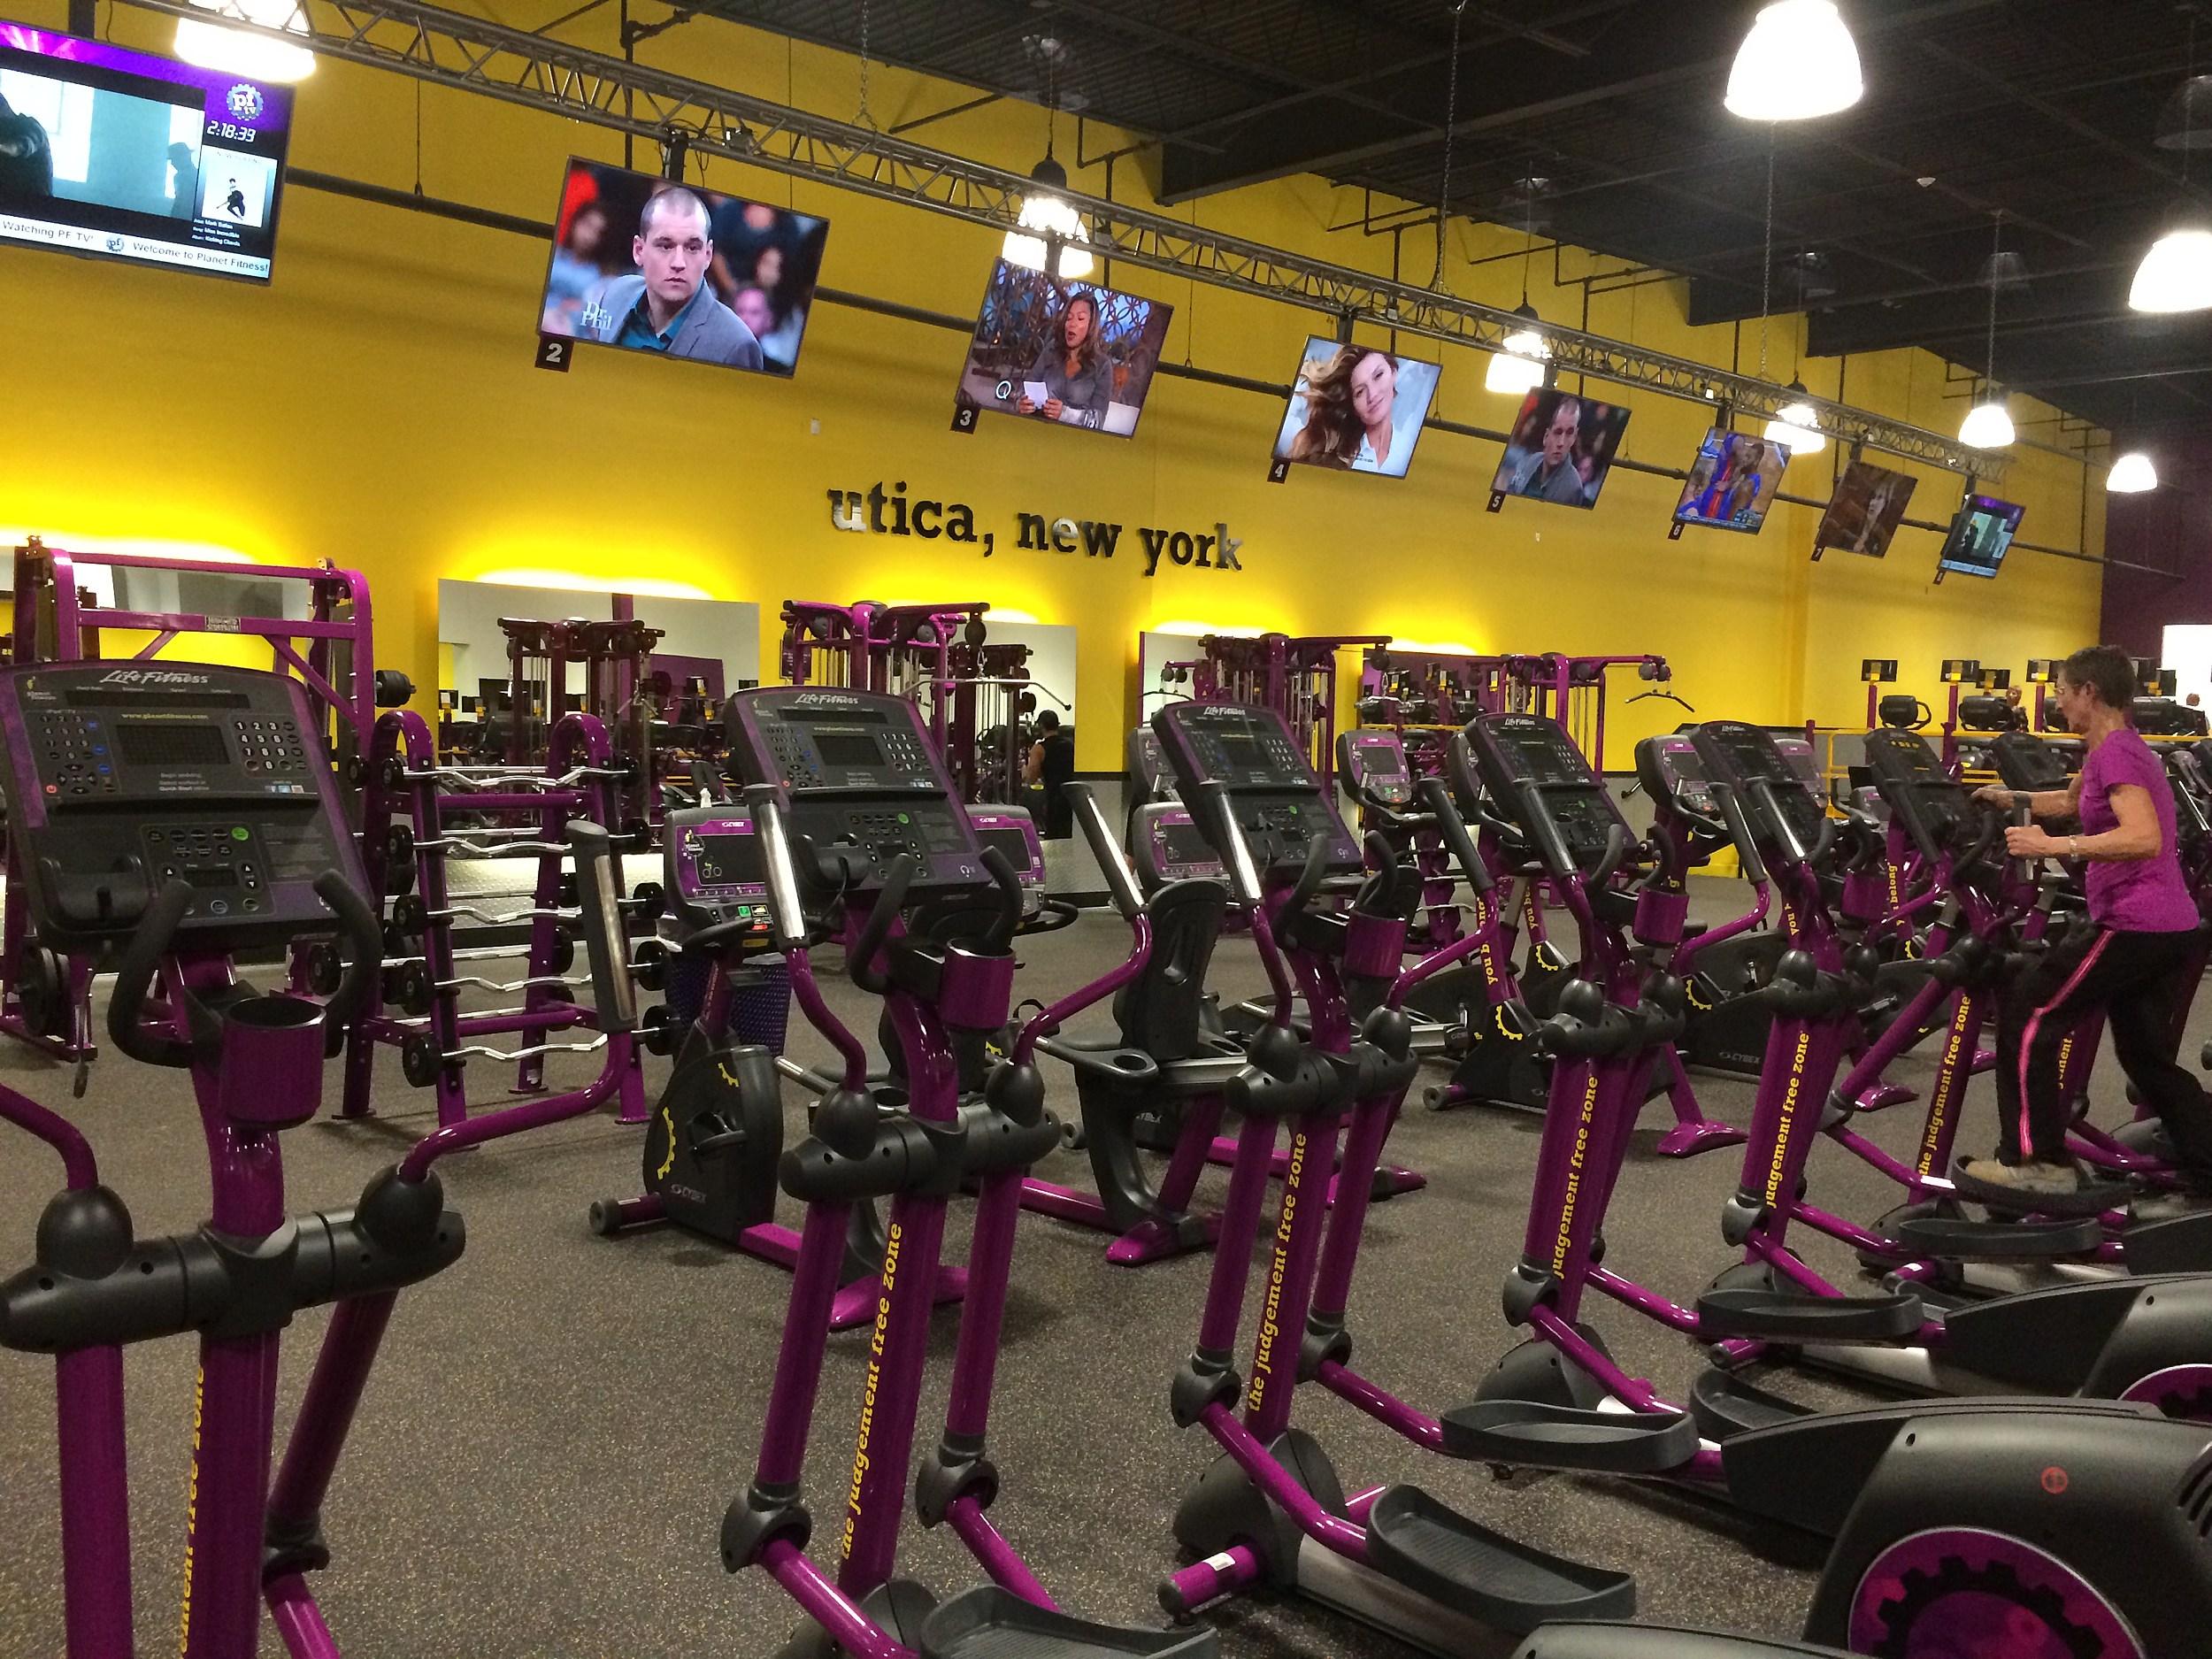 Planet fitness syracuse ny